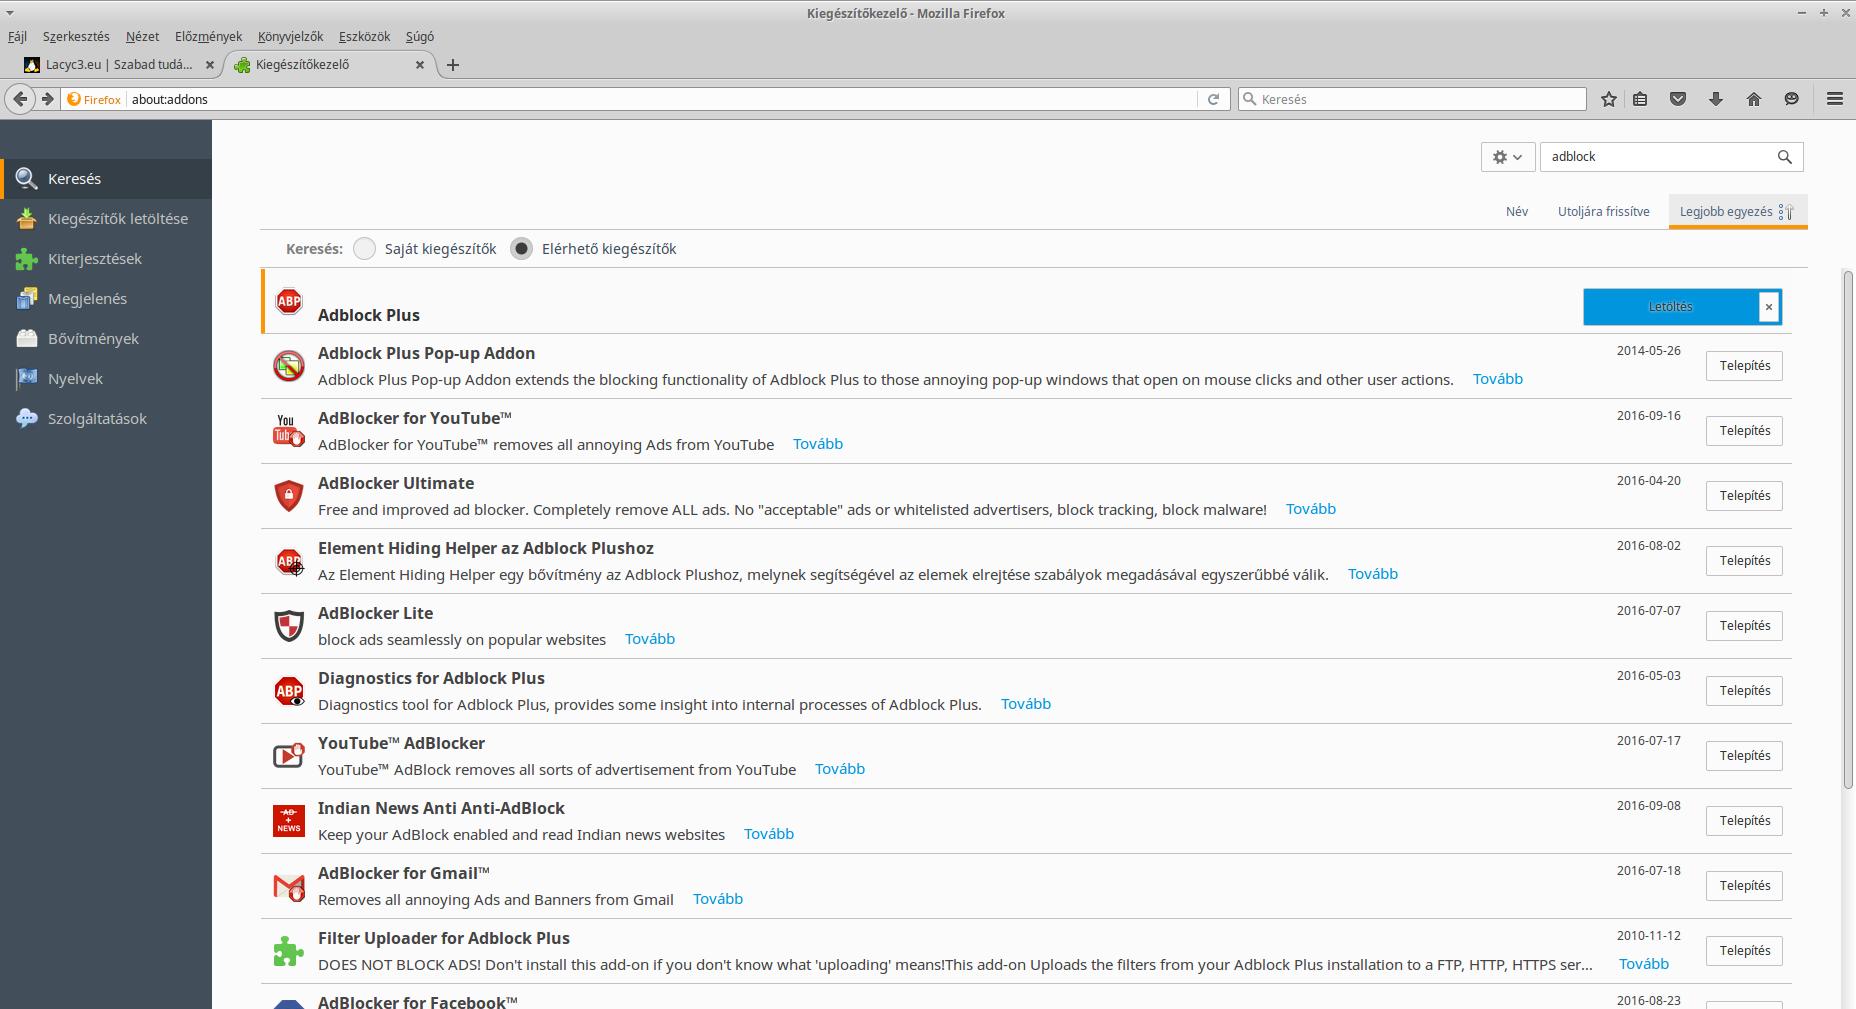 Adblock Plus kiegészítő telepítése Firefoxra